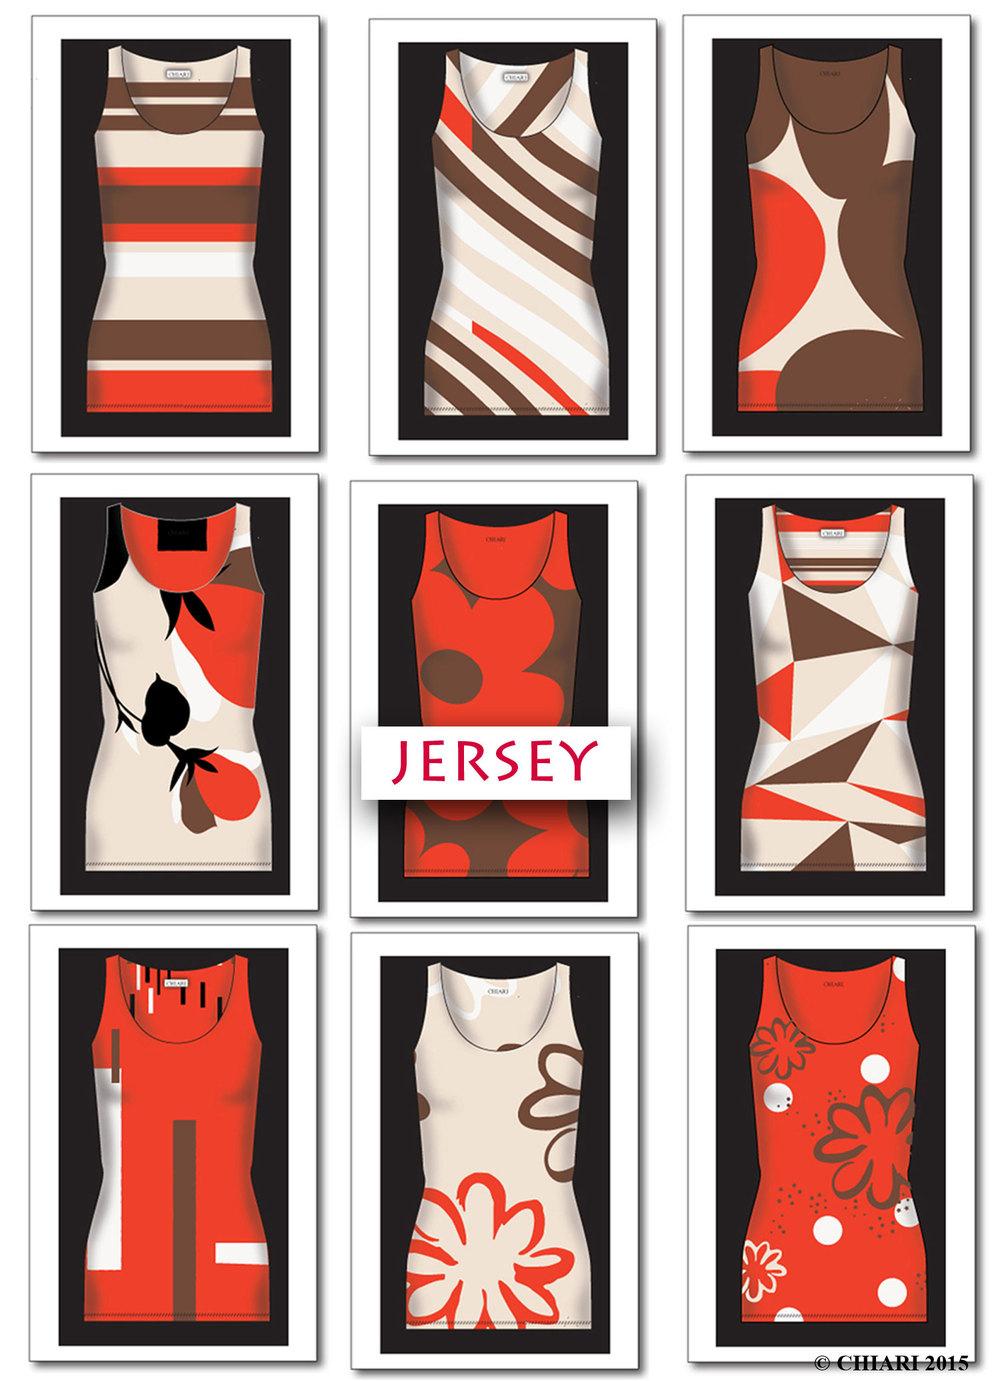 Storyboard-Jersey-CHIARIstyle-15.jpg